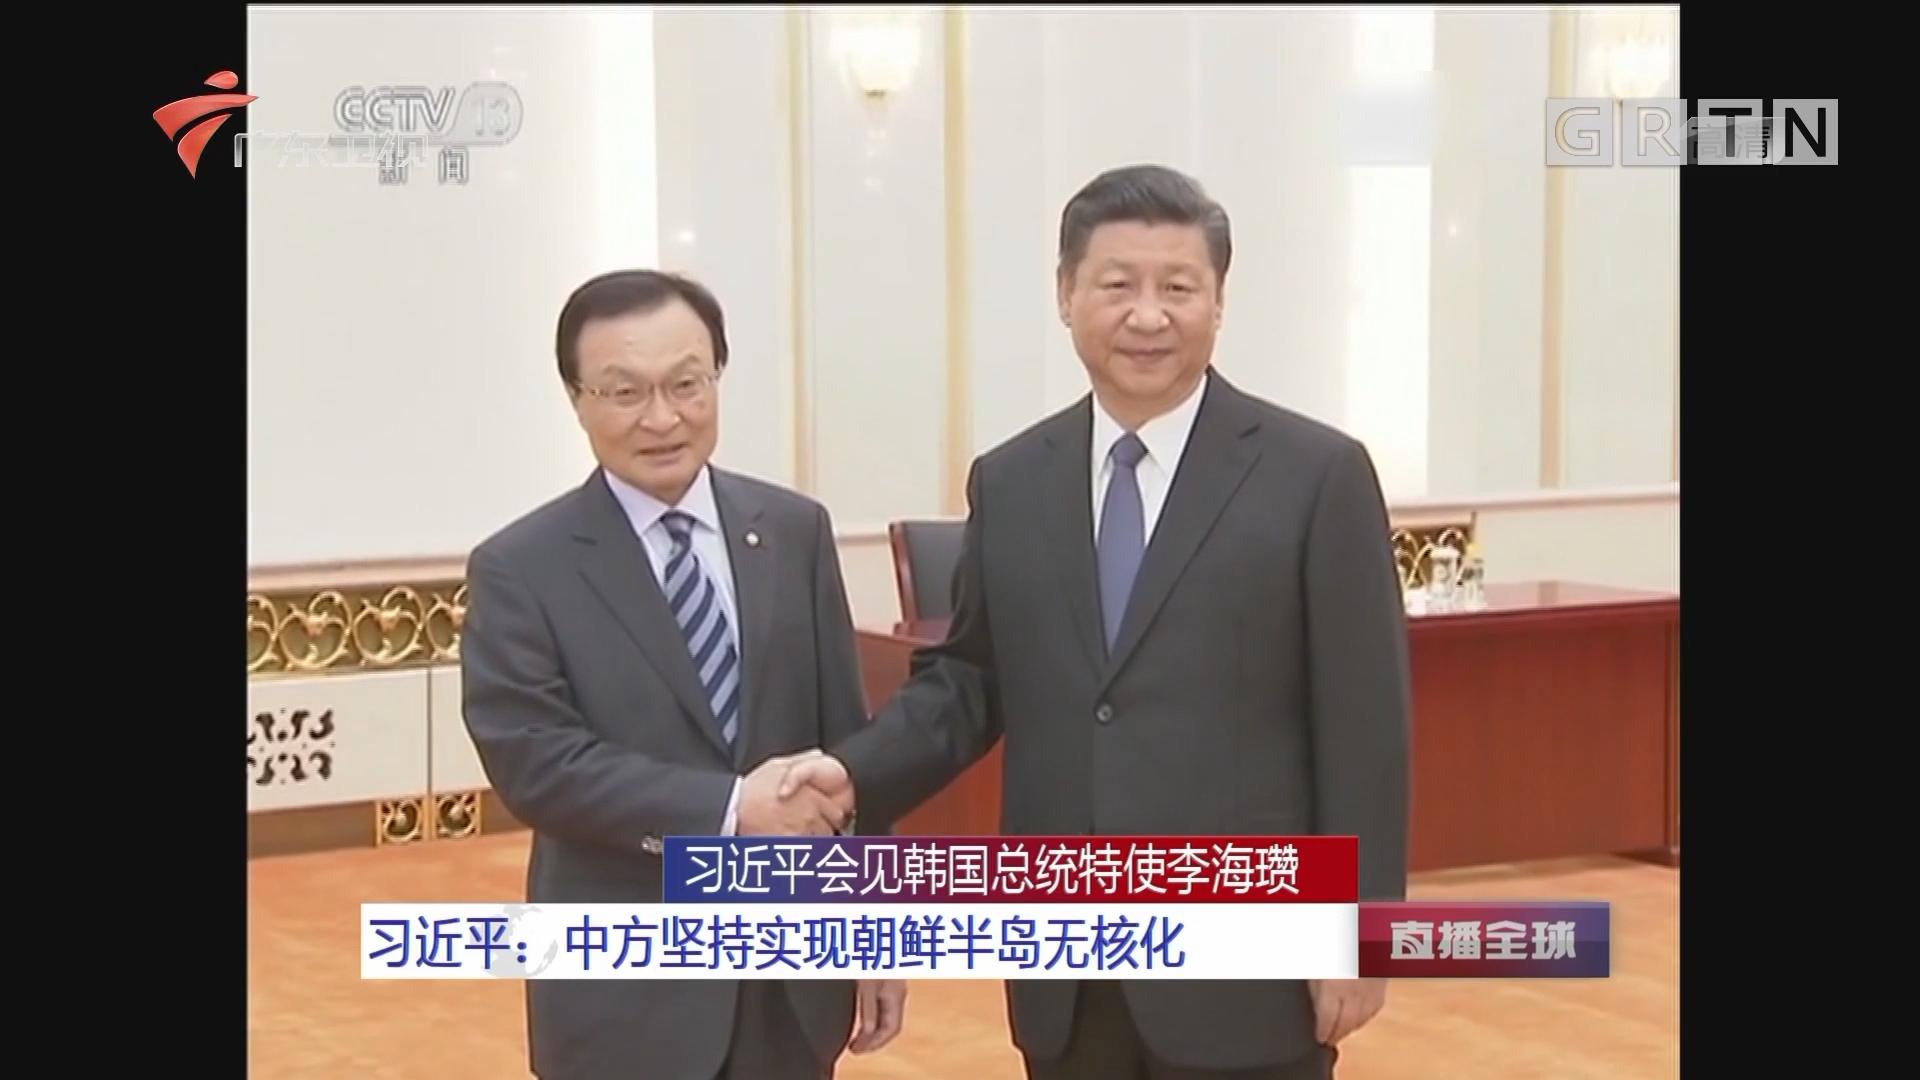 习近平会见韩国总统特使李海瓒 习近平:中方坚持实现朝鲜半岛无核化